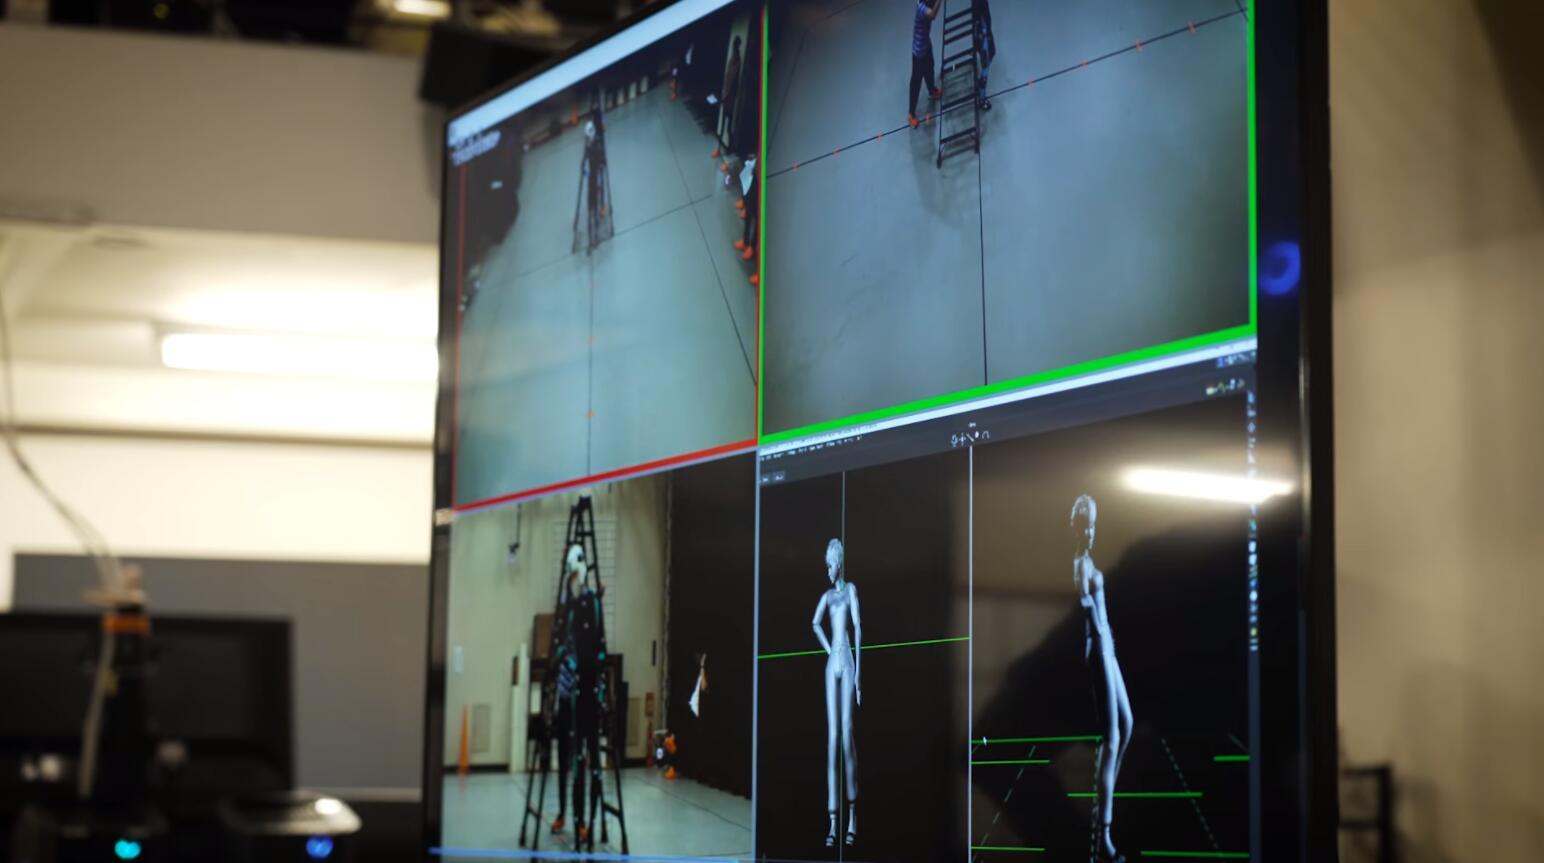 《寂静岭》之父的恐怖游戏新作将会搞乱玩家的思维